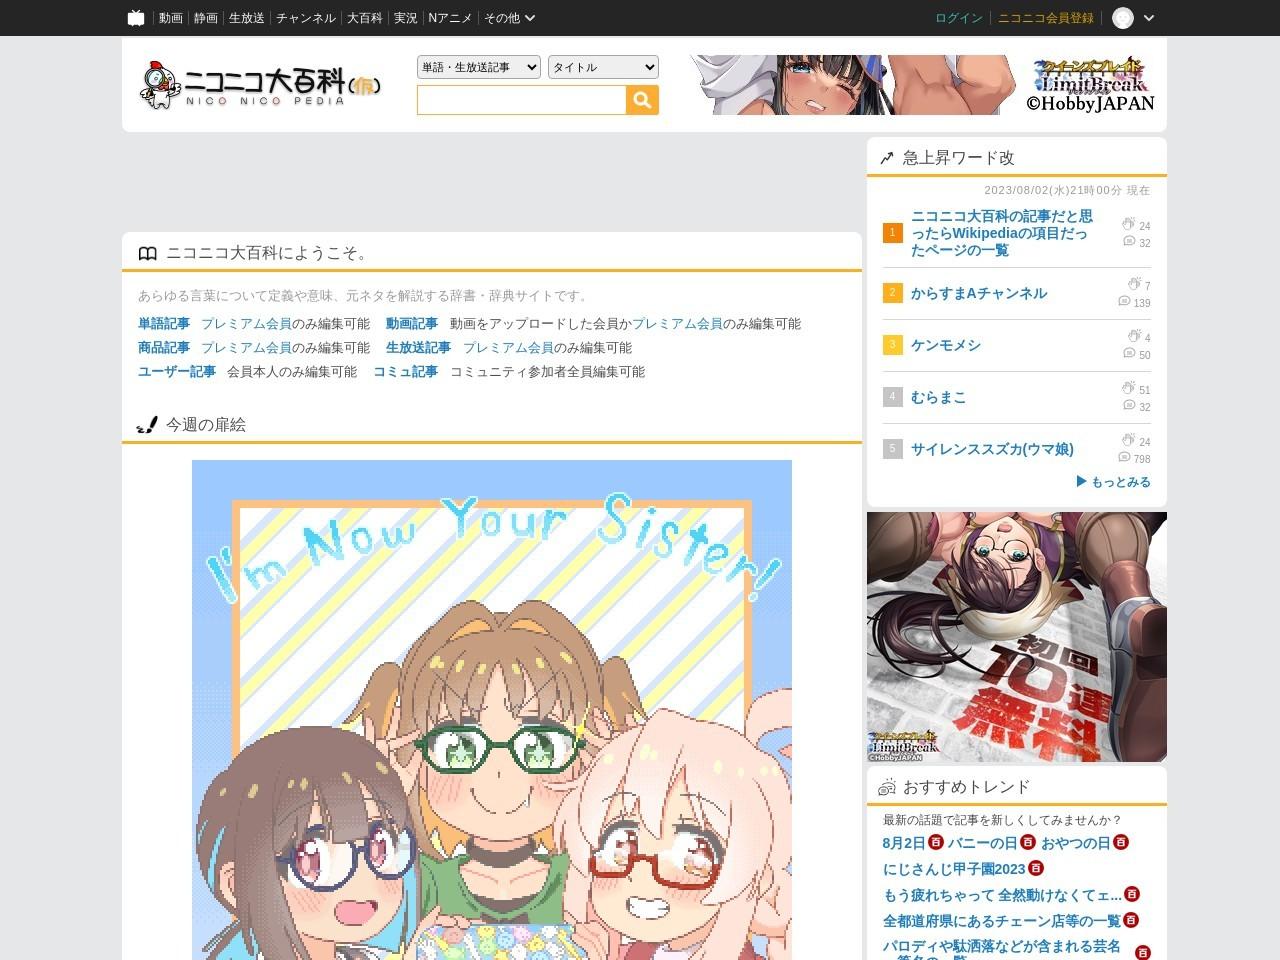 https://dic.nicovideo.jp/a/%E7%AB%A5%E8%A9%B1%E3%81%AE%E4%B8%80%E8%A6%A7のプレビュー画像